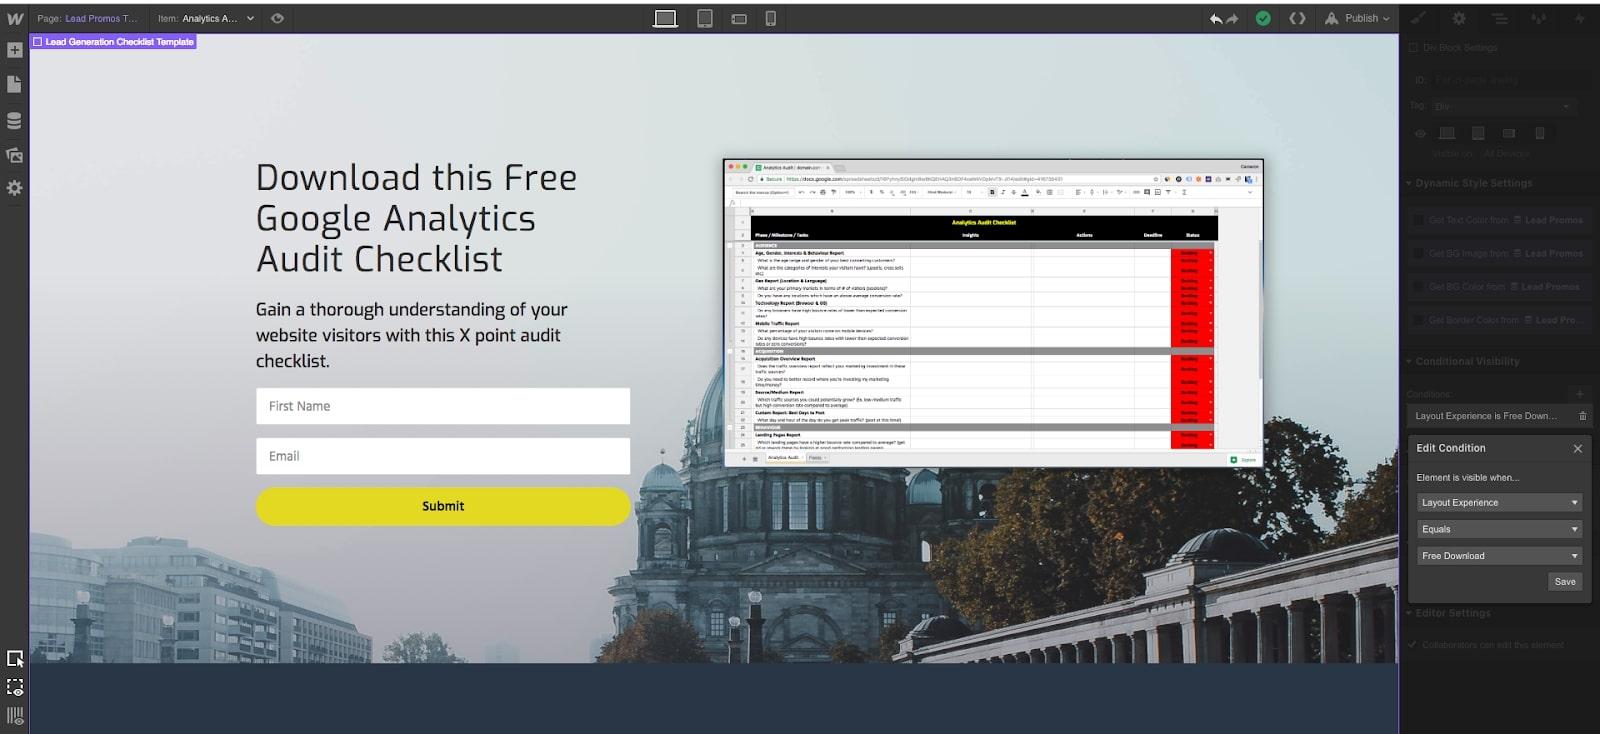 web design in webflow